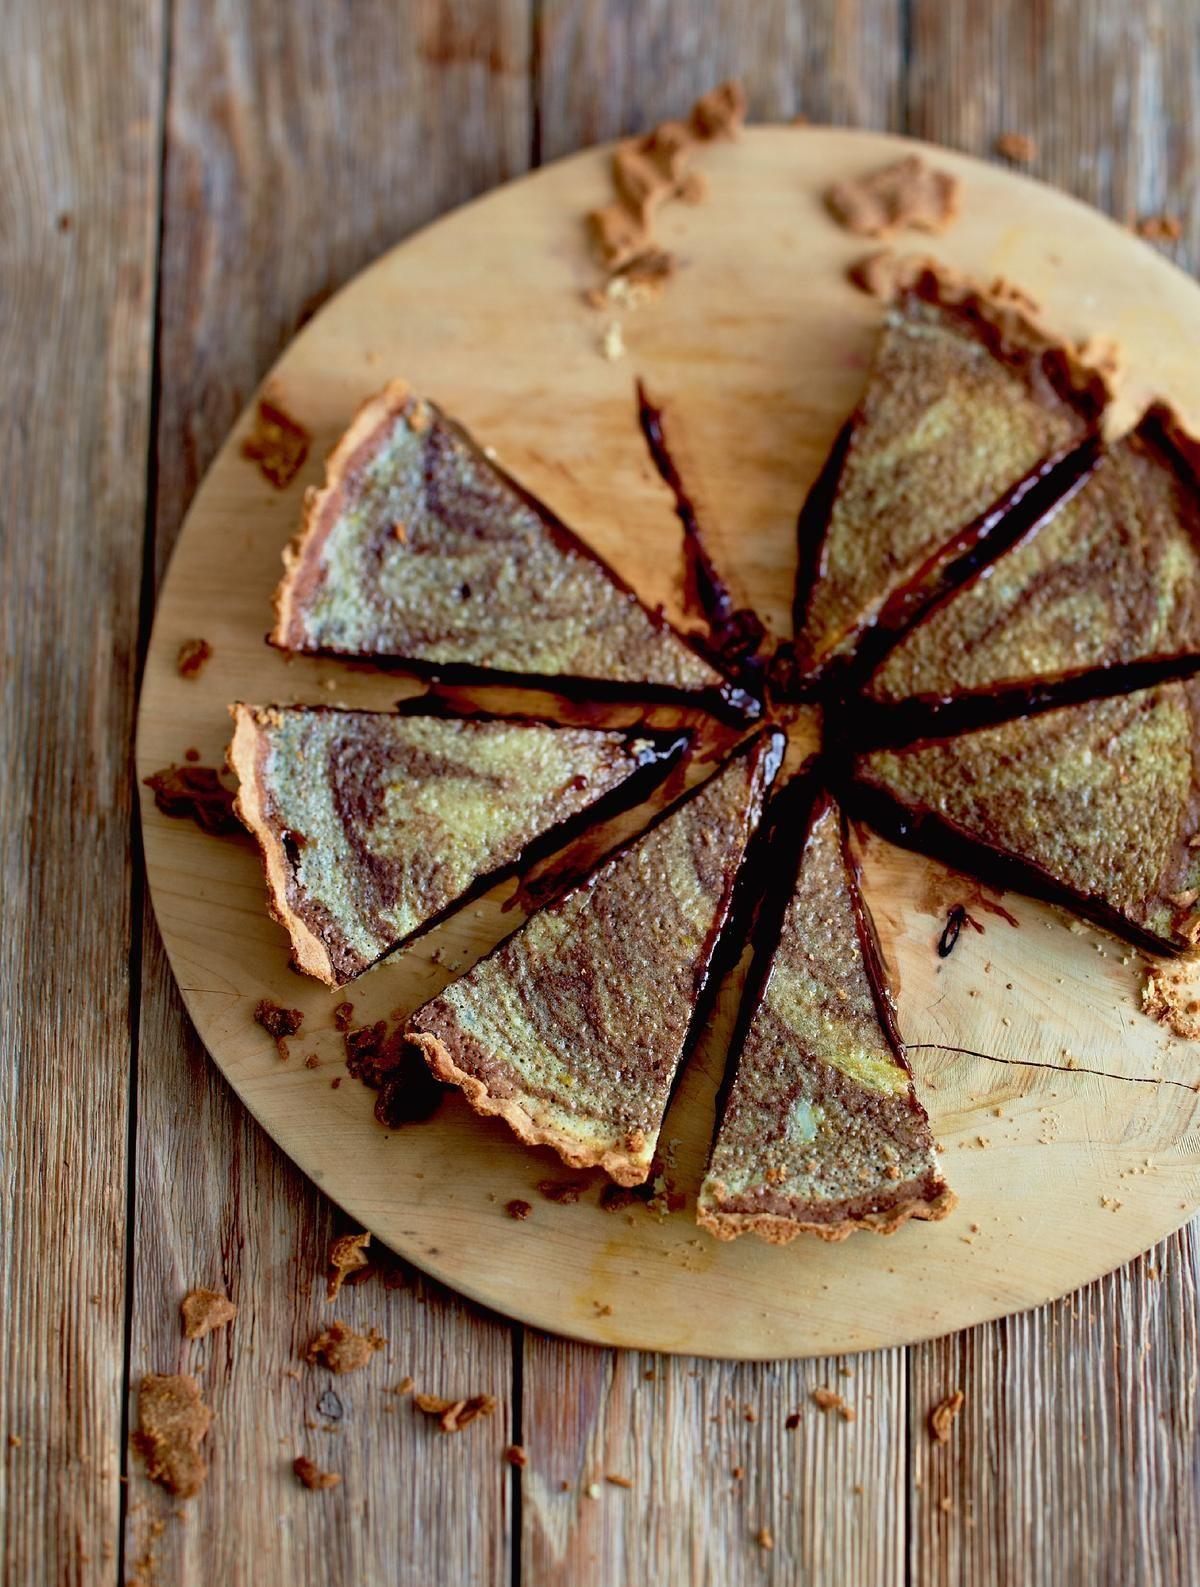 Marys Chocolate Orange Tart